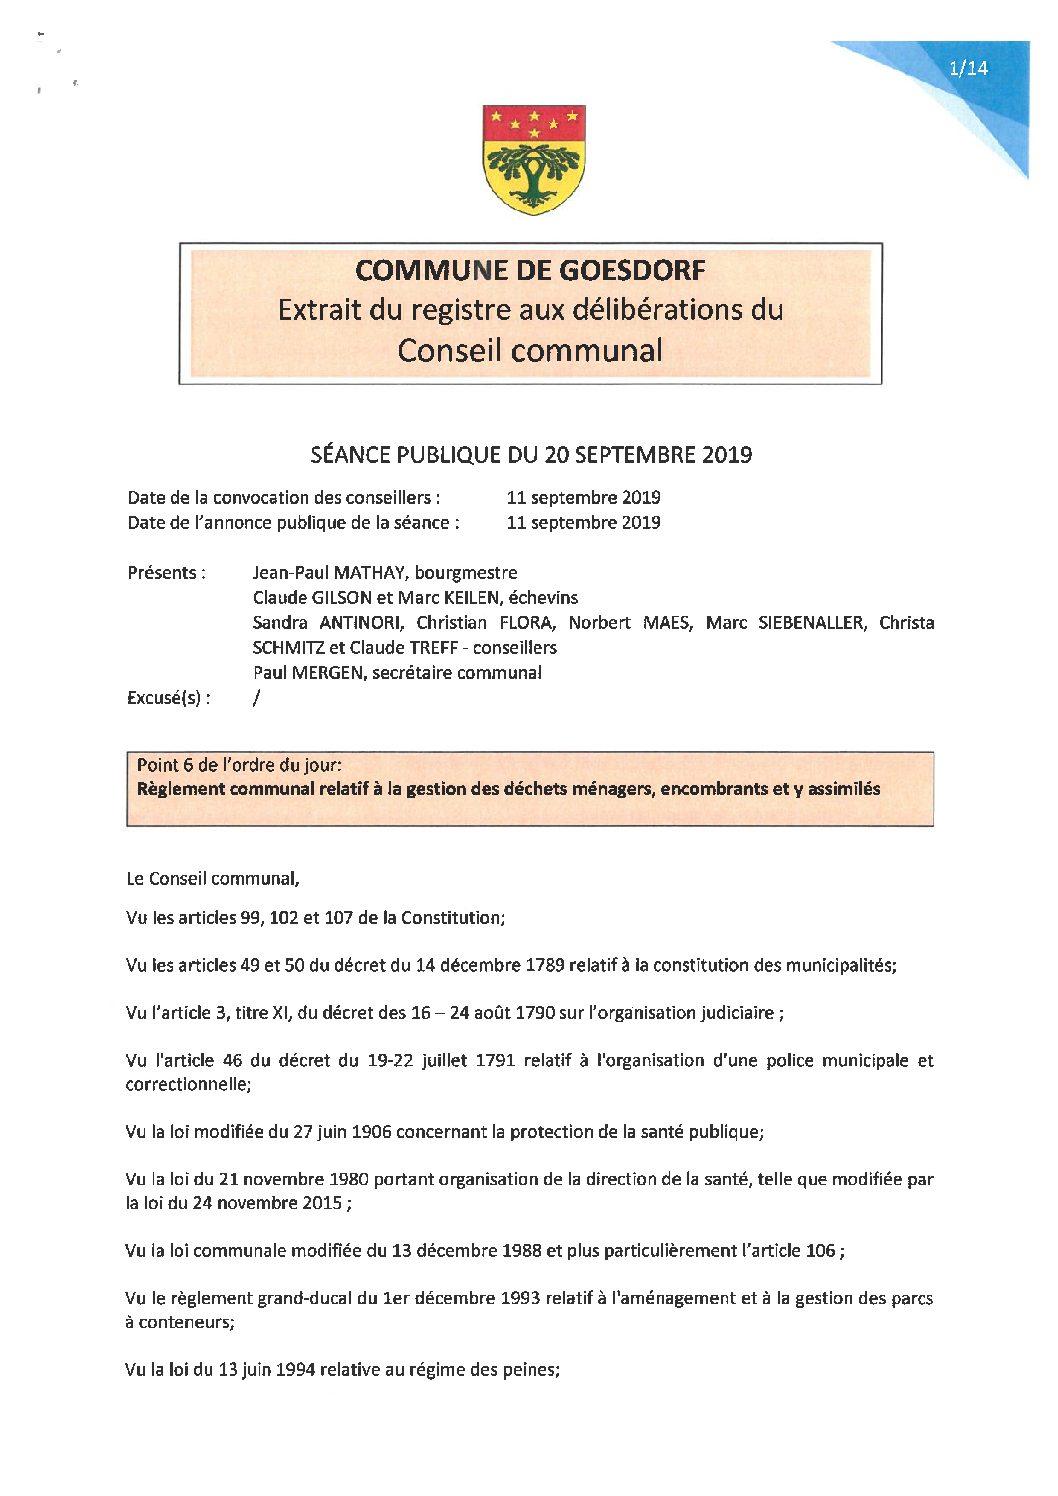 Règlement communal relatif à la gestion des déchets ménagers, encombrants et y assimiliés_20.09.2019